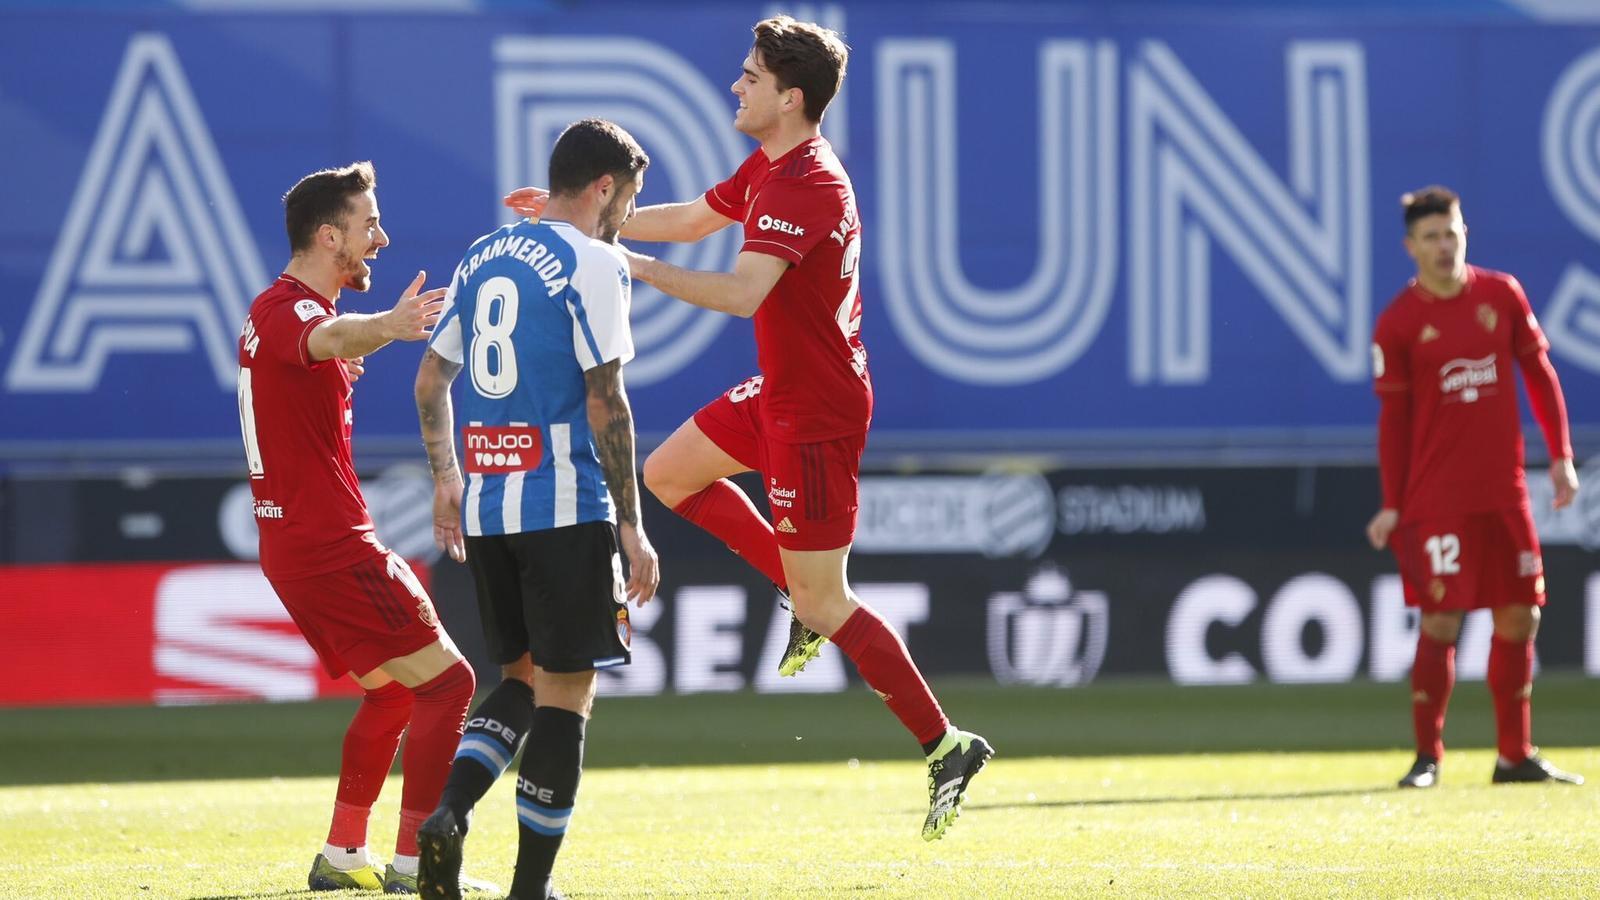 Els jugadors de l'Osasuna celebren el primer gol contra l'Espanyol